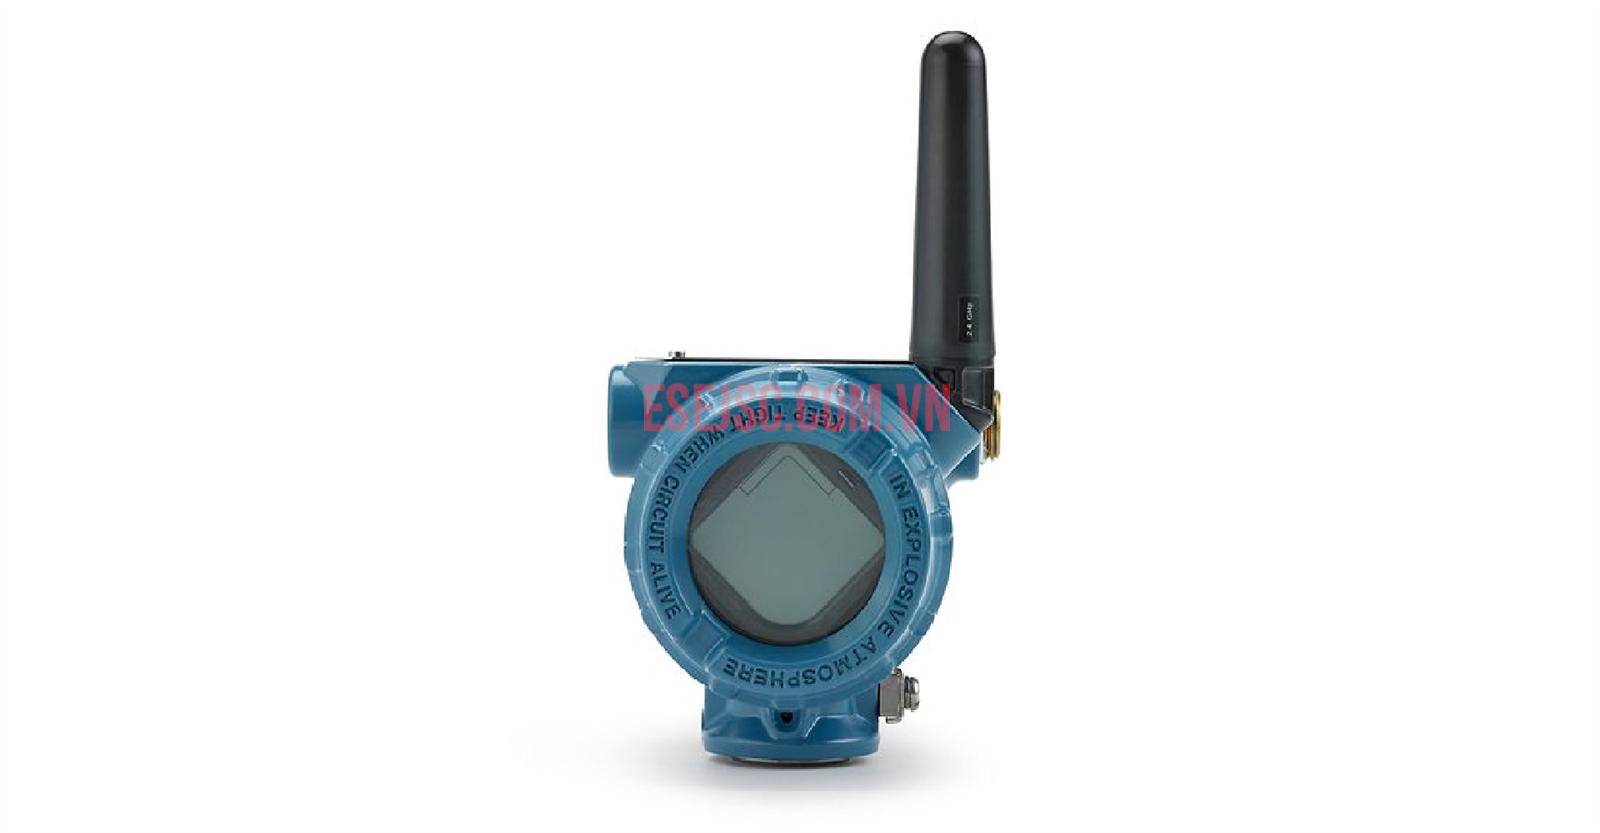 Bộ chuyển đổi nhiệt độ không dây Rosemount 648